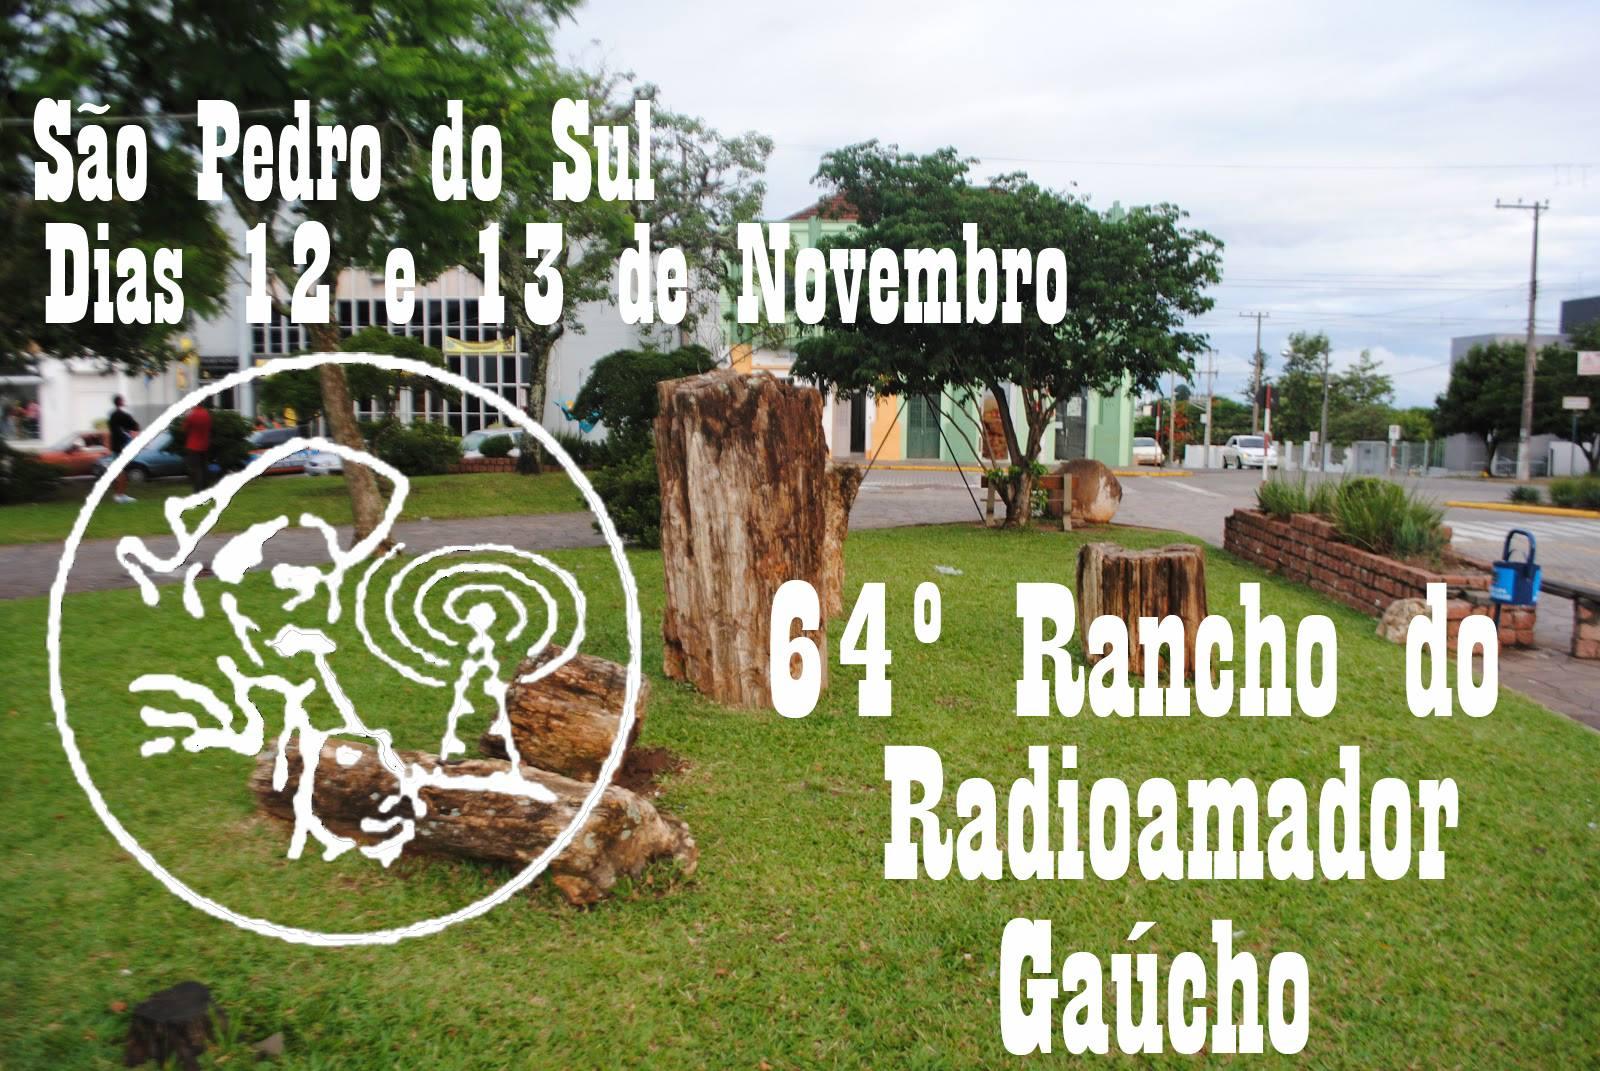 64º Rancho do Radioamador Gaúcho